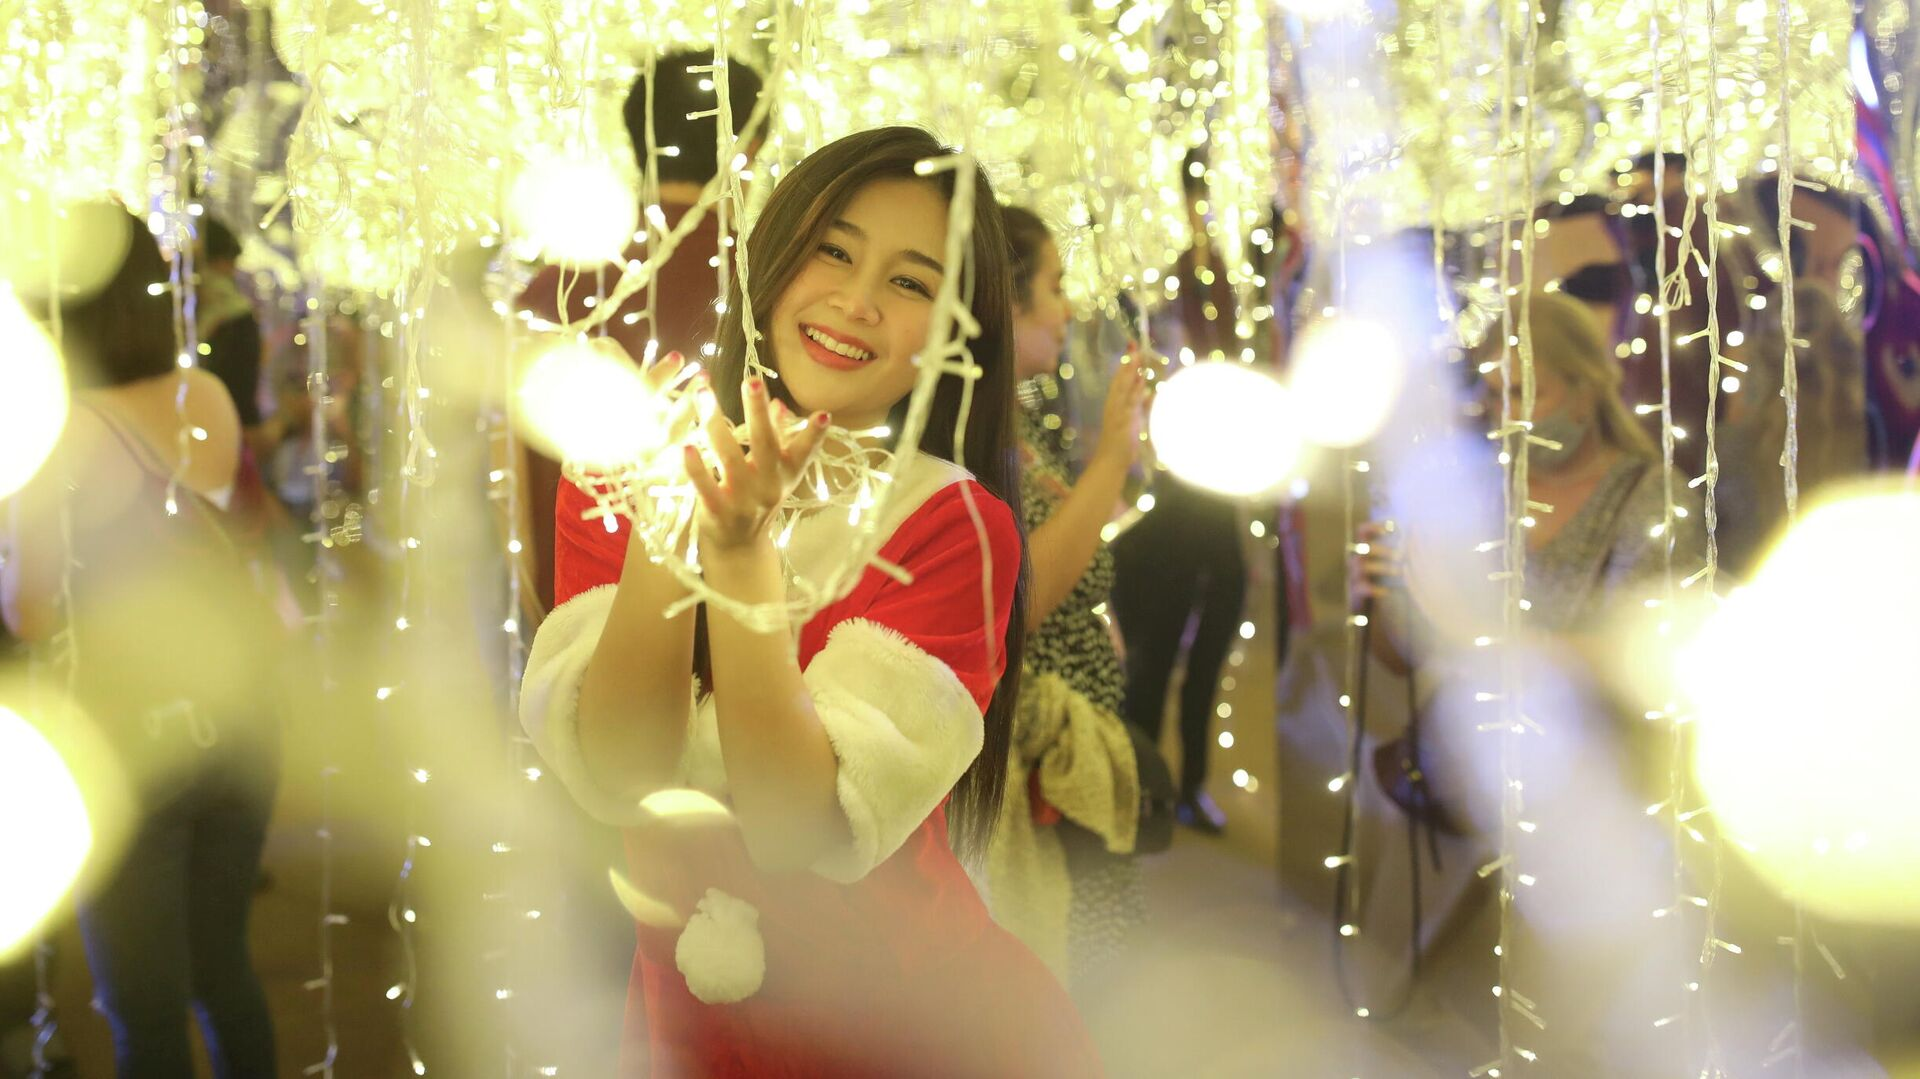 Девушка в костюме Санта-Клауса в Бангкоке, Таиланд - РИА Новости, 1920, 02.01.2021